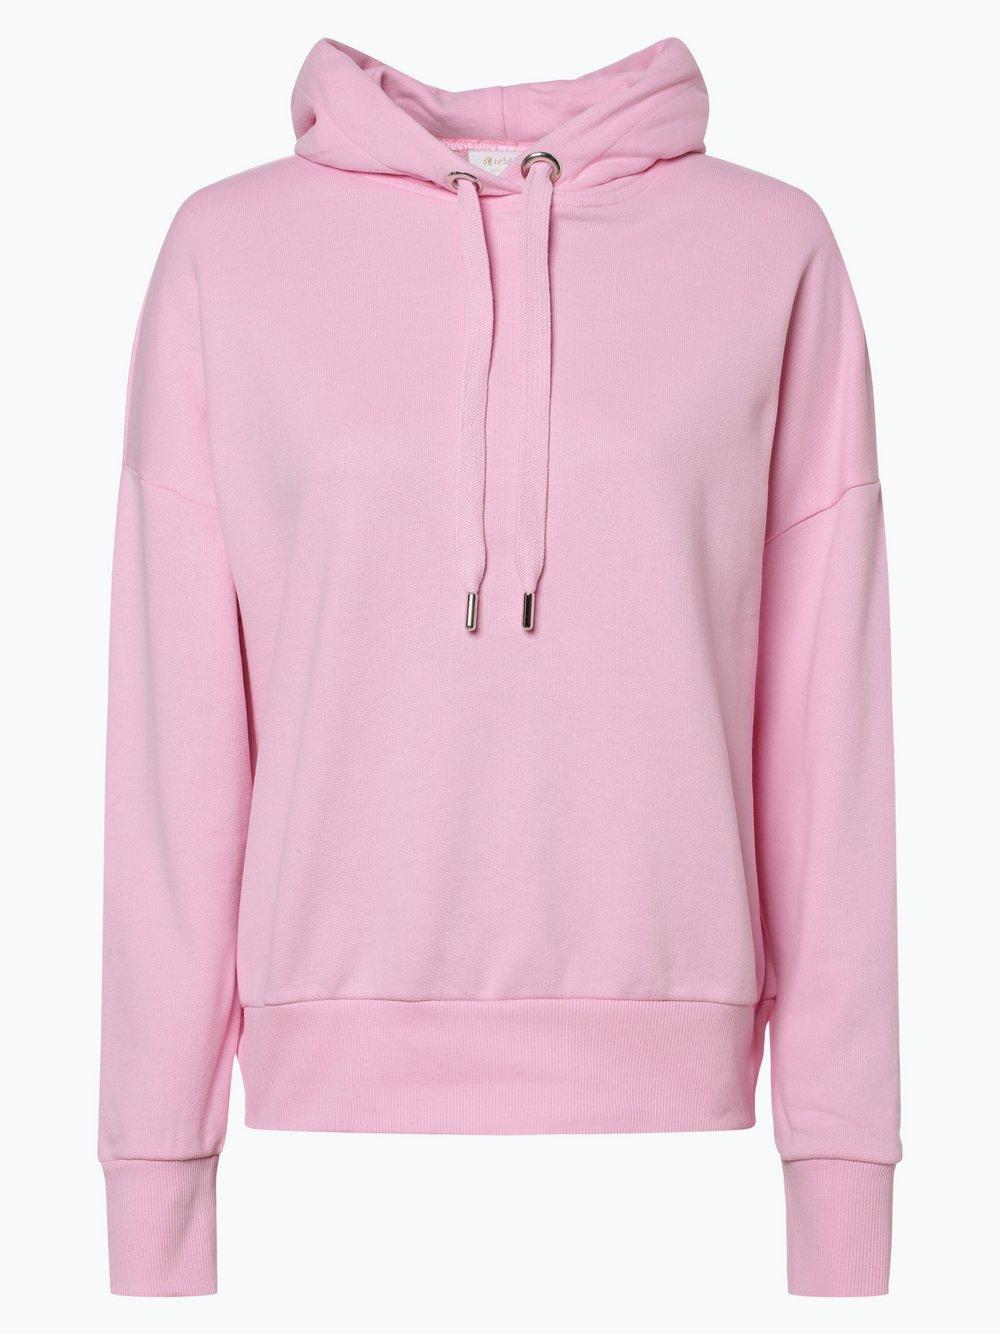 Rich & Royal Damen Sweatshirt online kaufen   PEEK UND